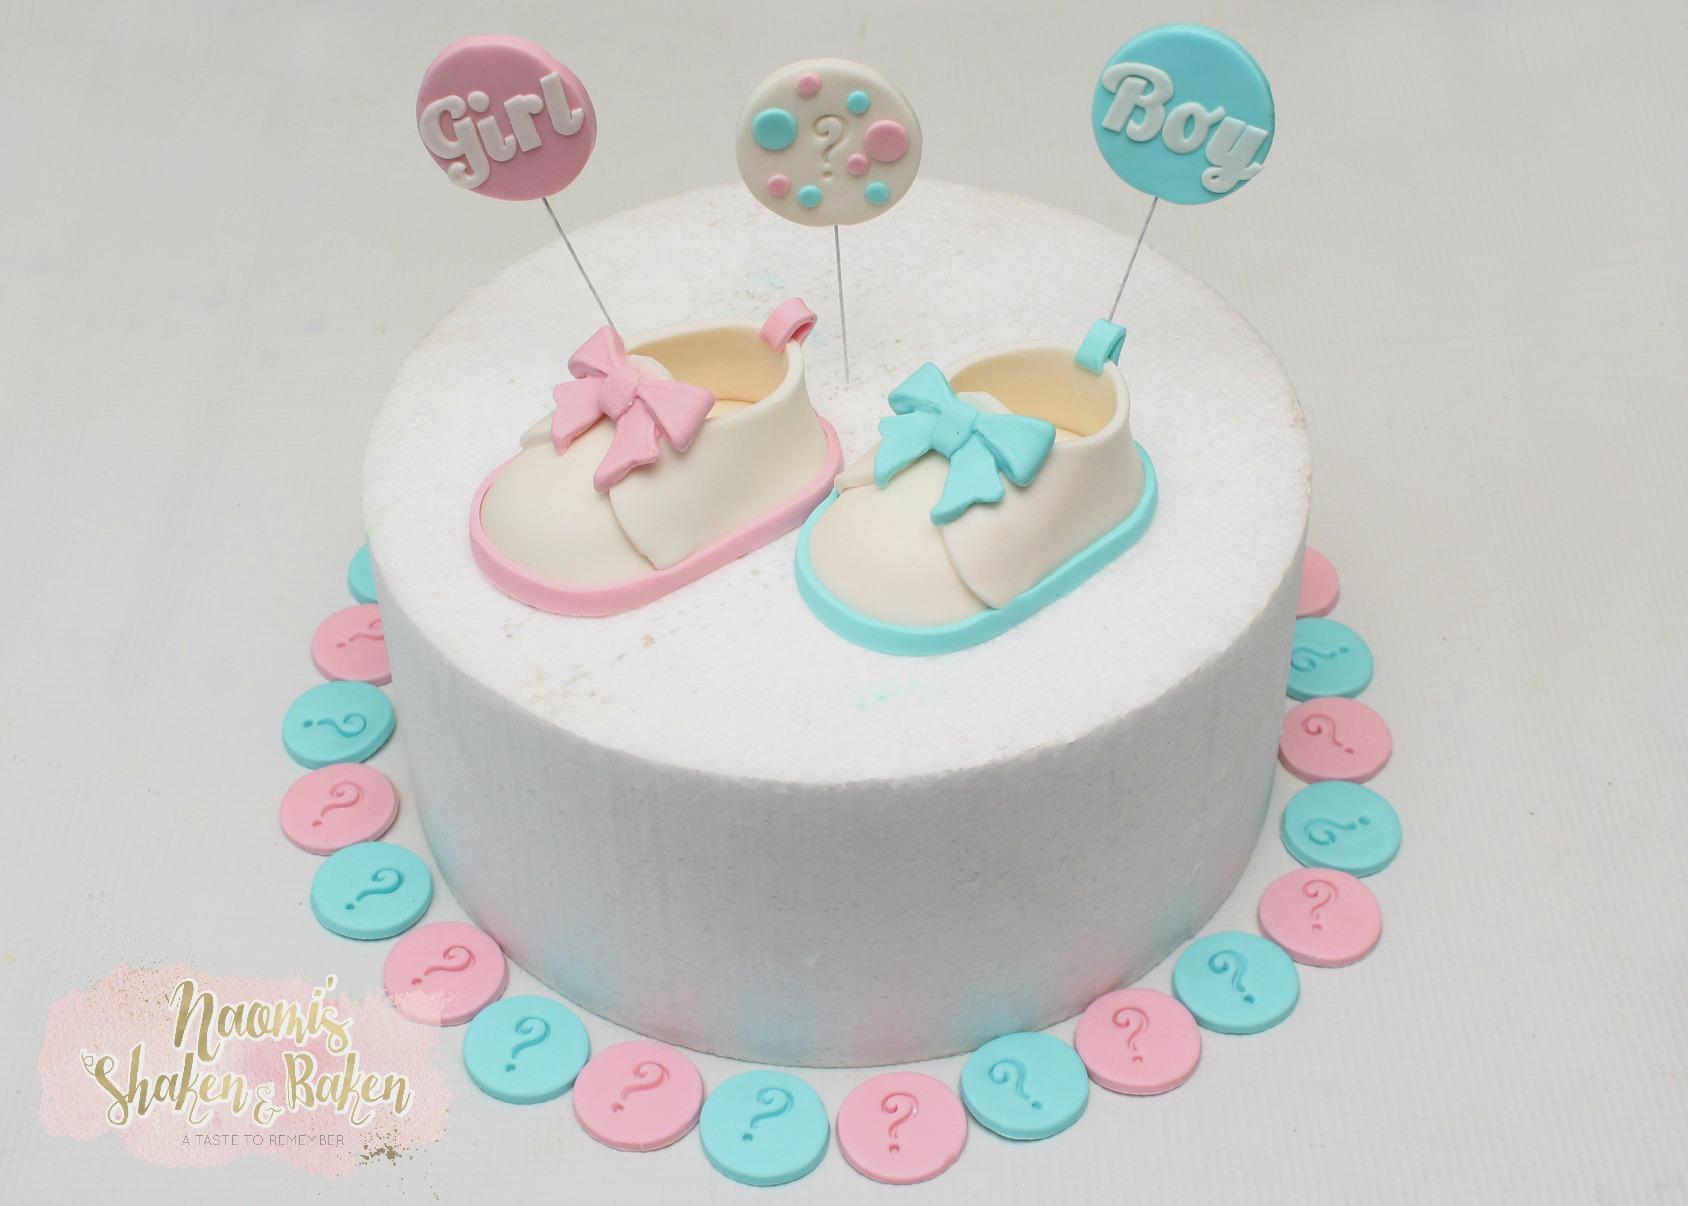 Baby shower cake topper set